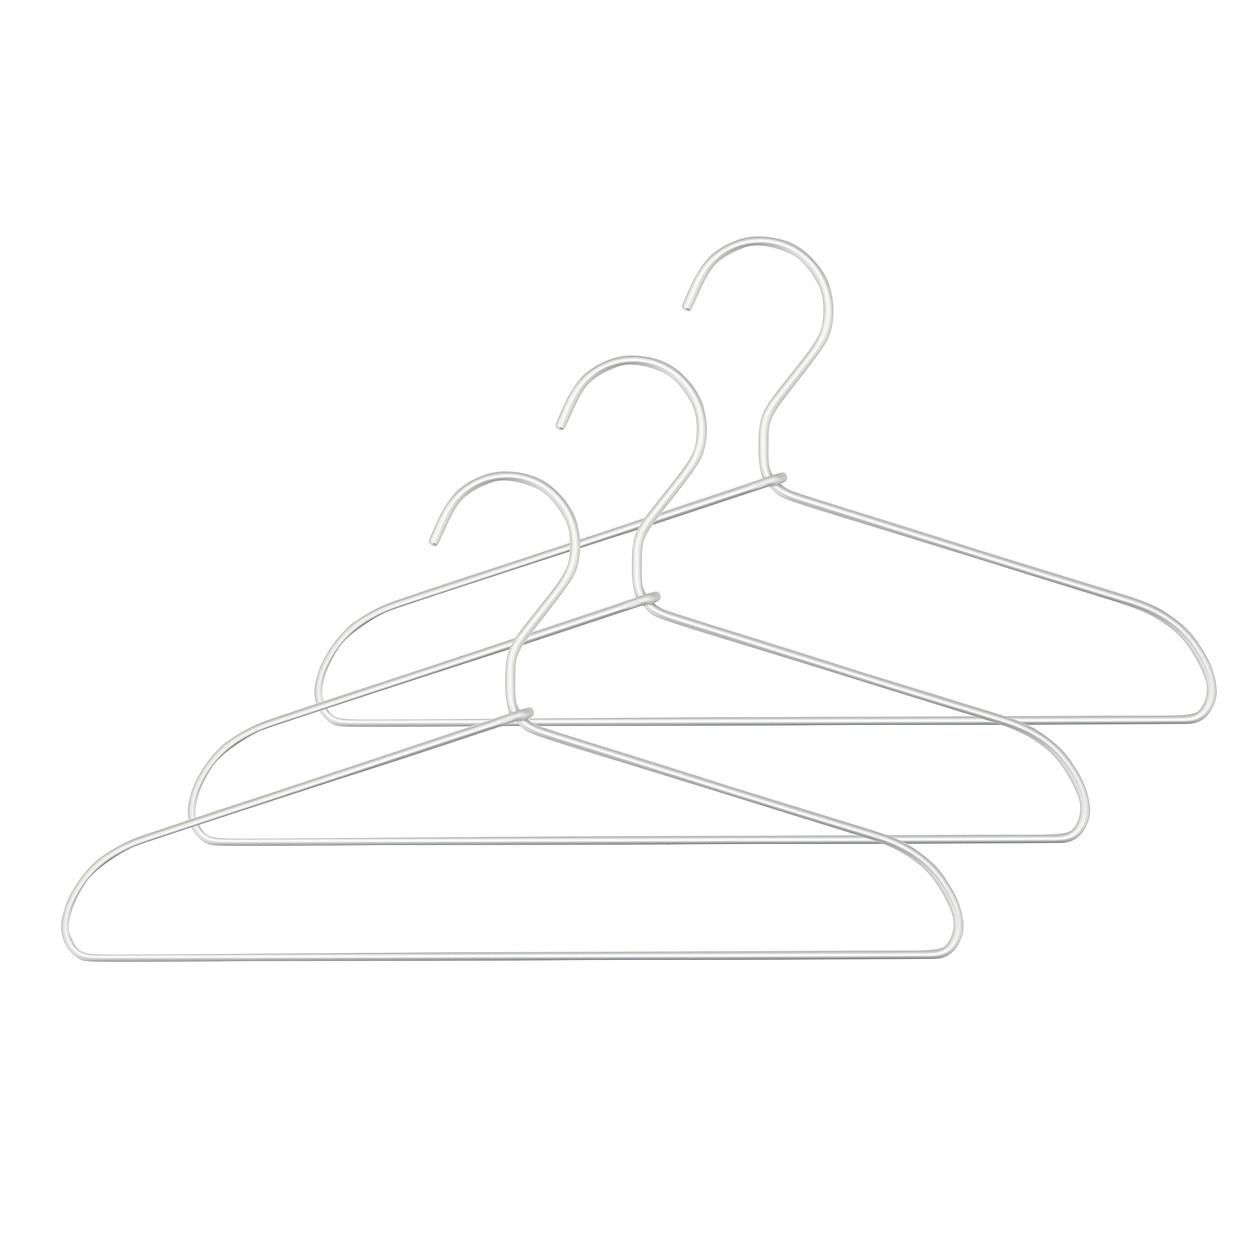 衣類ハンガー